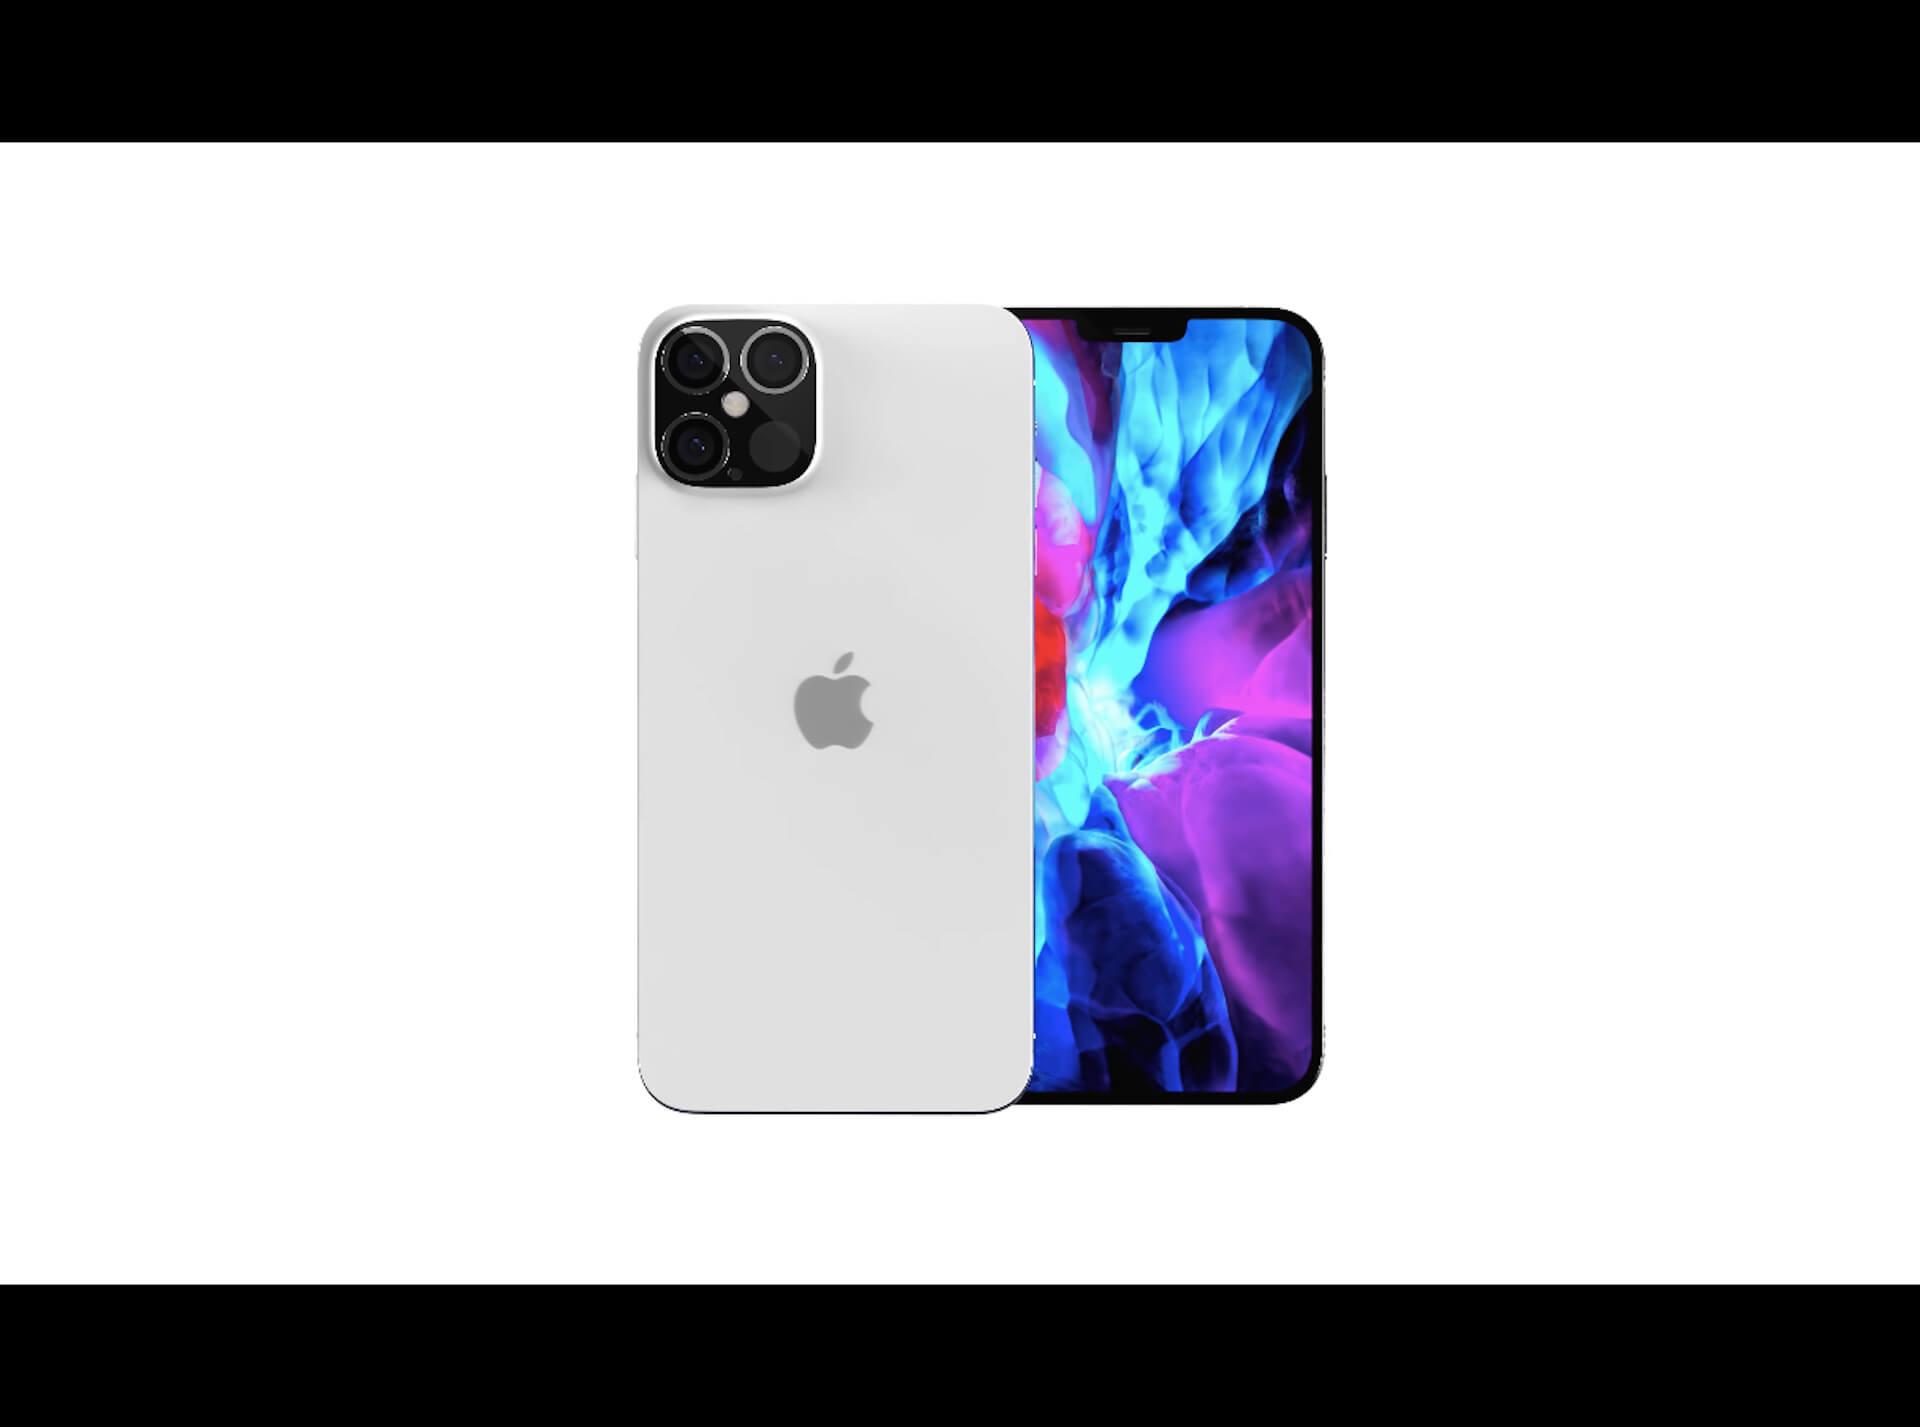 もう手ブレの心配はなし?iPhone 12にセンサーシフト方式の手ブレ補正機能付きカメラが搭載か tech200324_iphone12_main